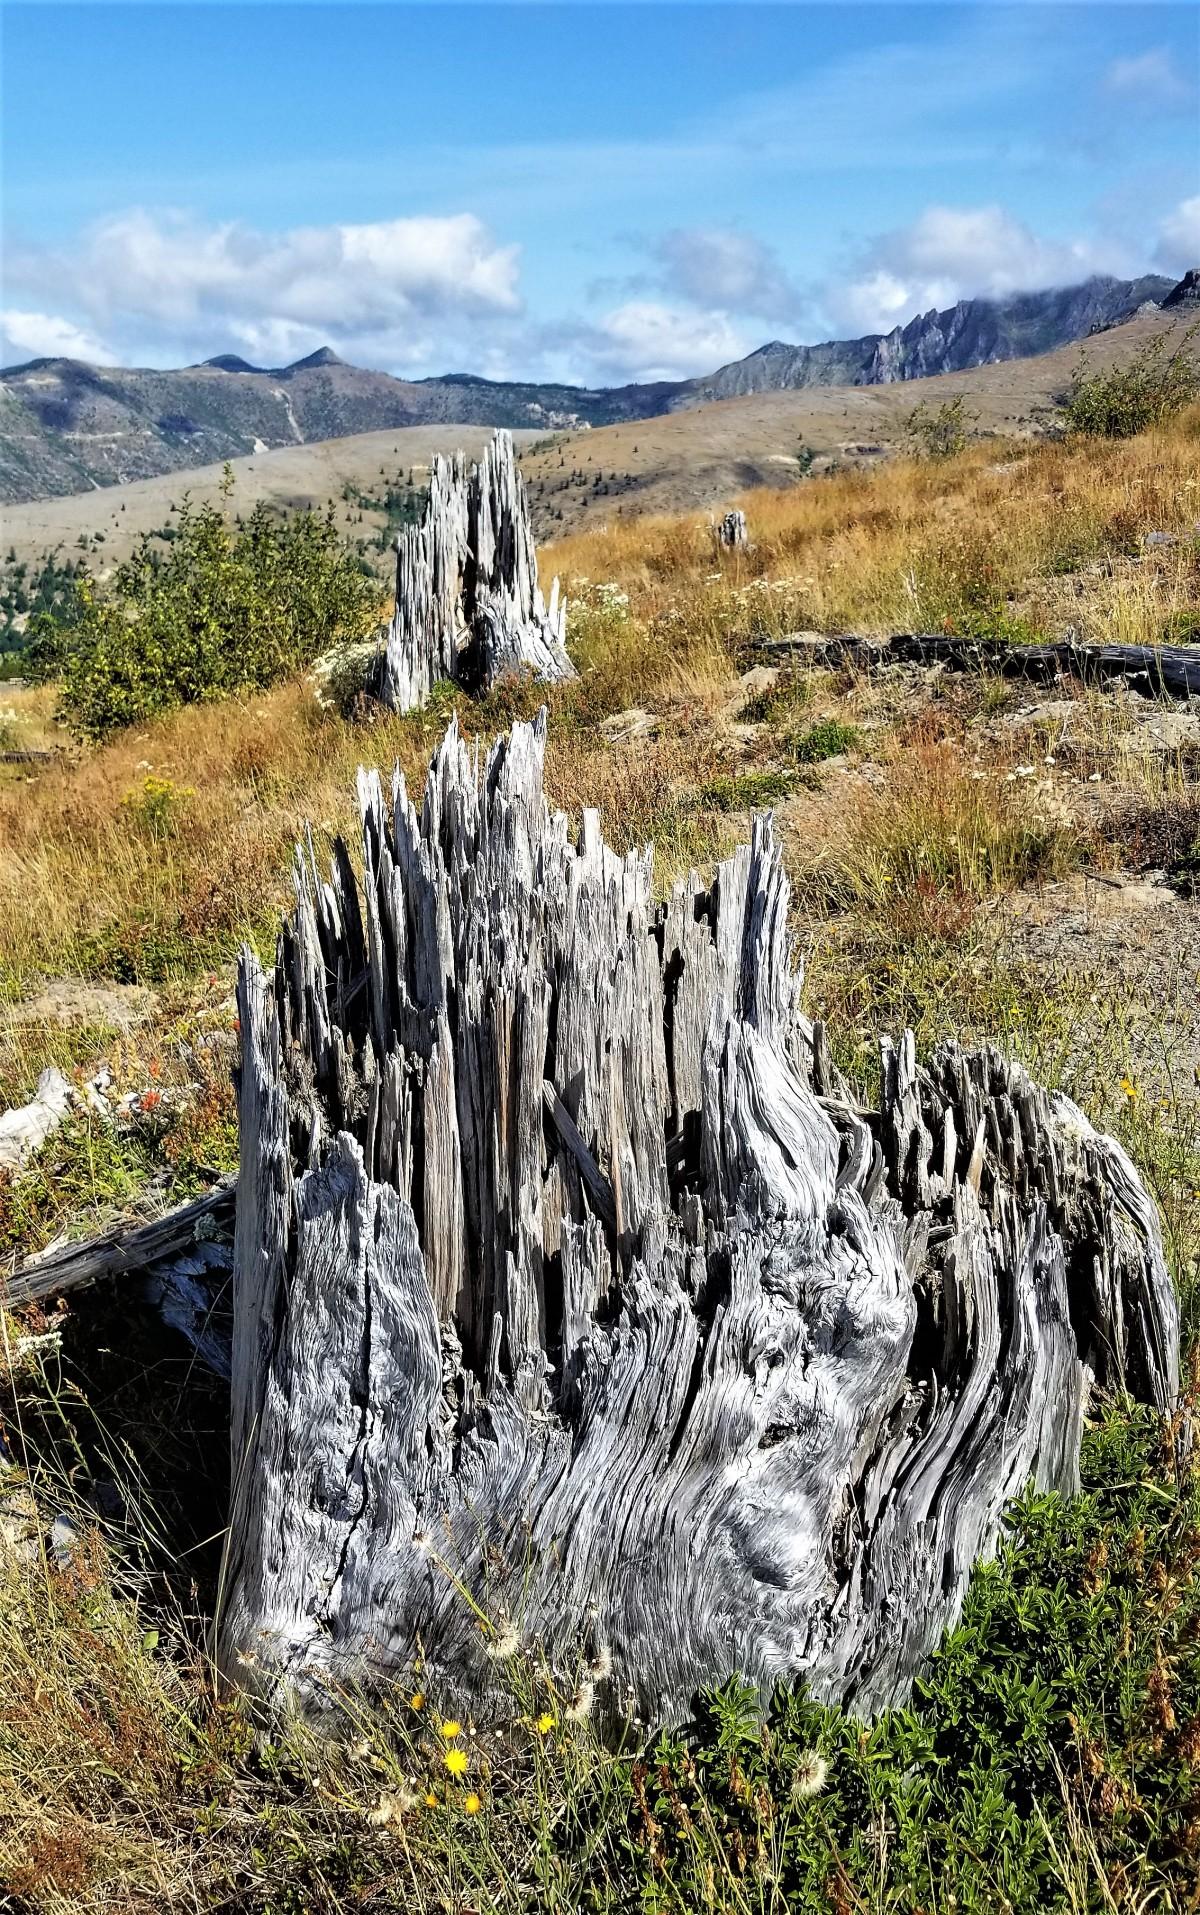 crispy trees